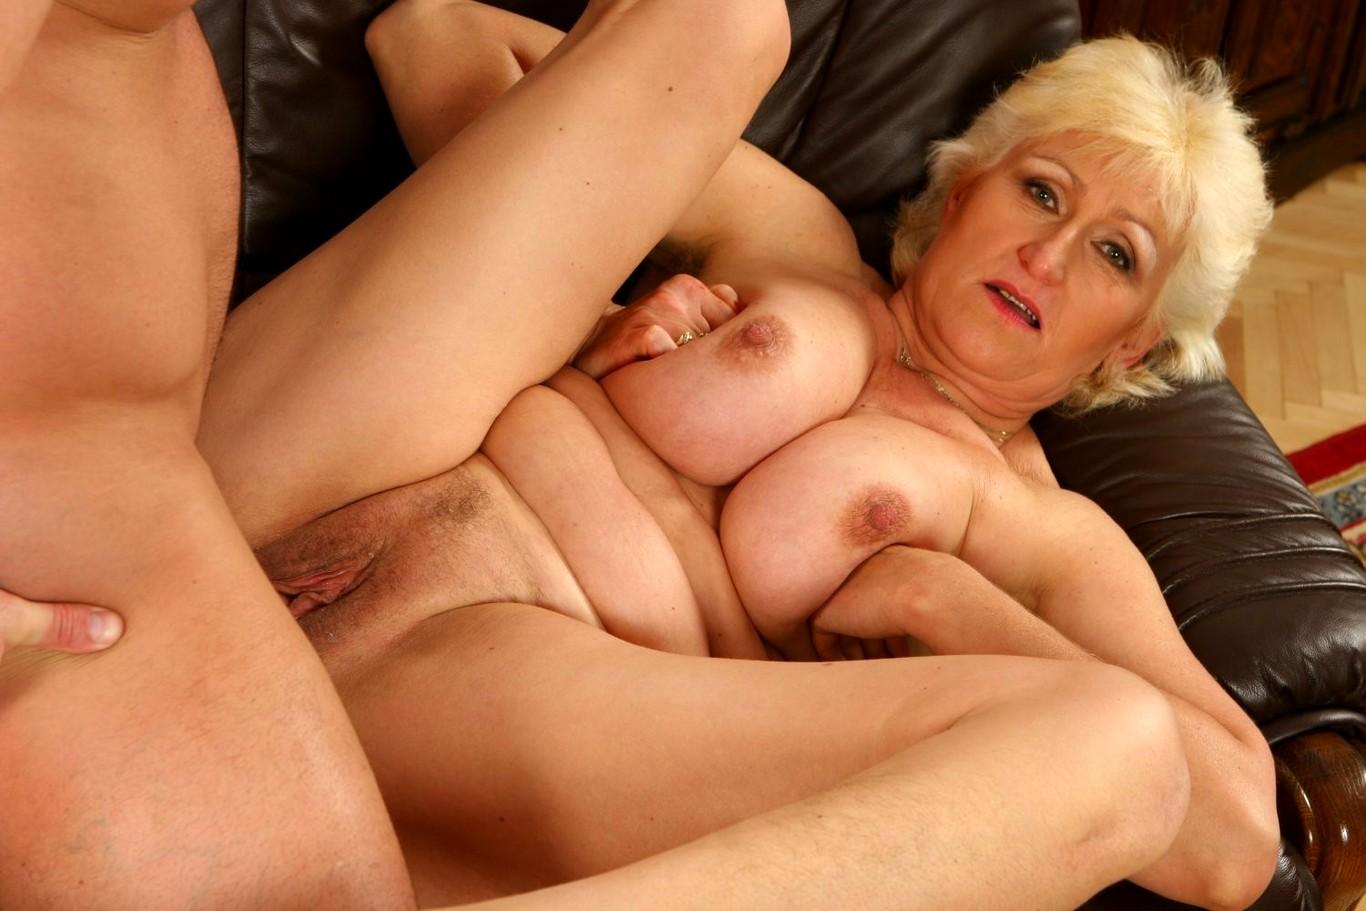 pensionerki-seks-foto-krasivie-prostitutki-zrelie